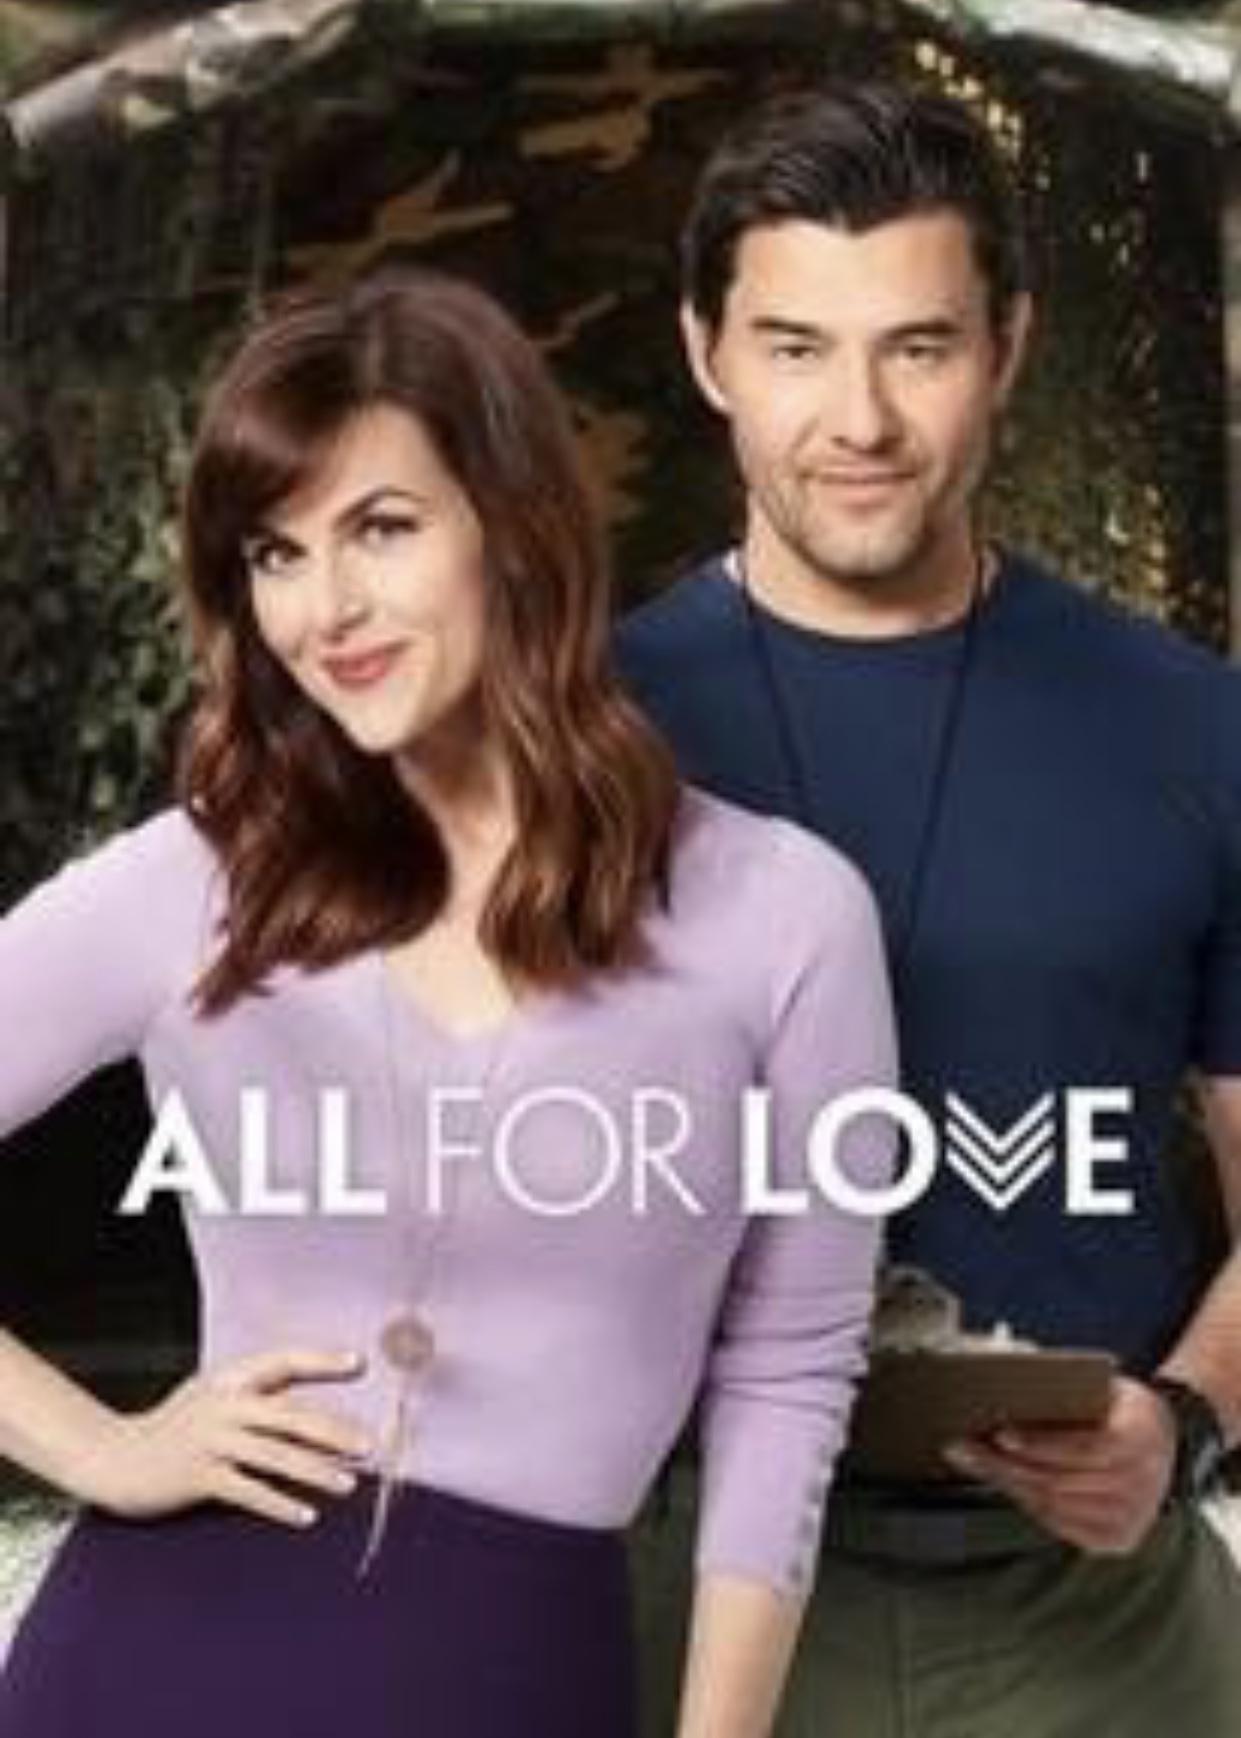 All for Love.jpg